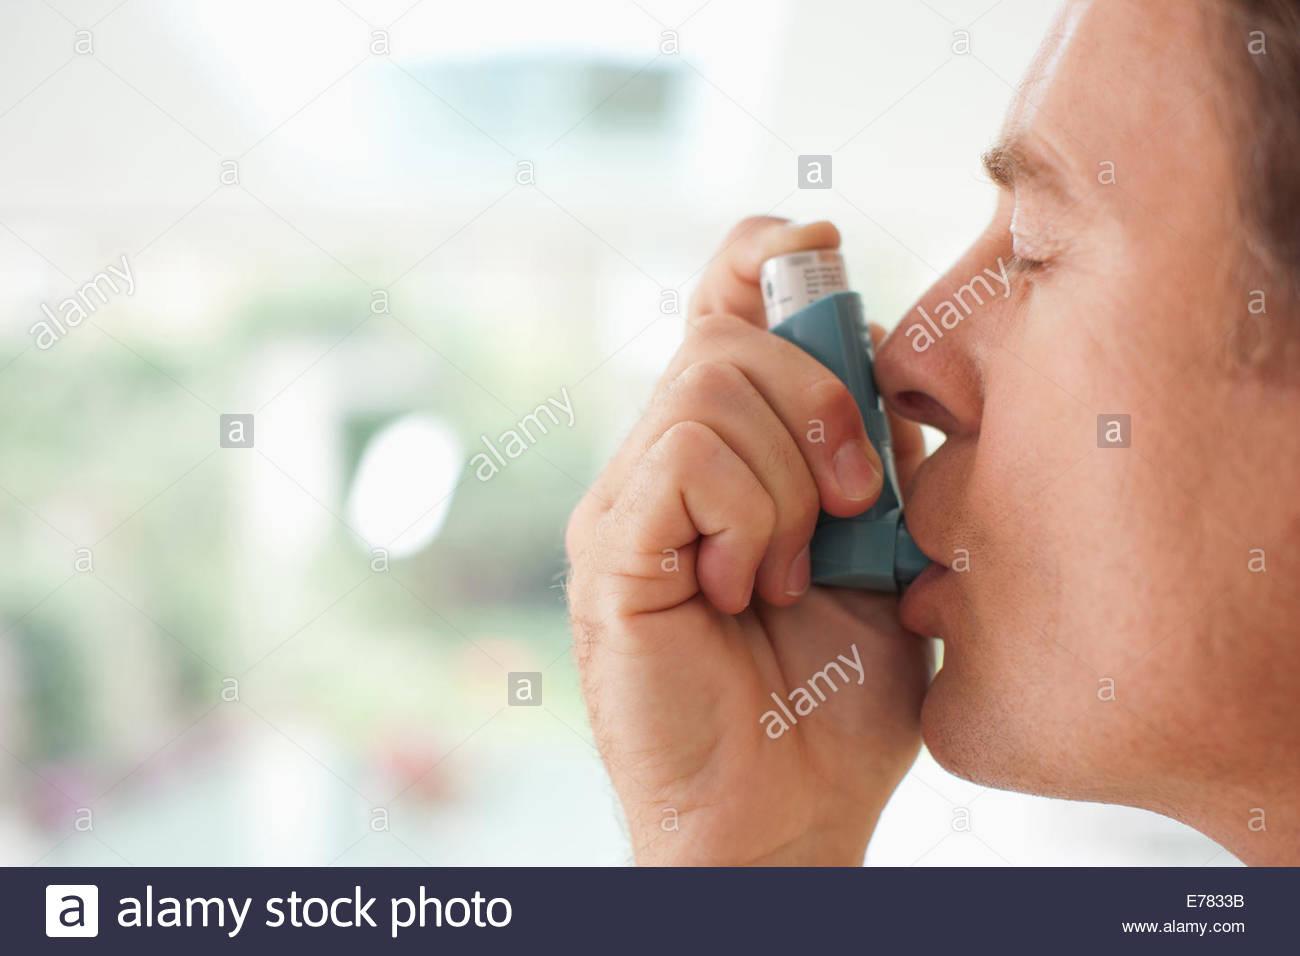 El hombre acerca del uso del inhalador para el asma Imagen De Stock